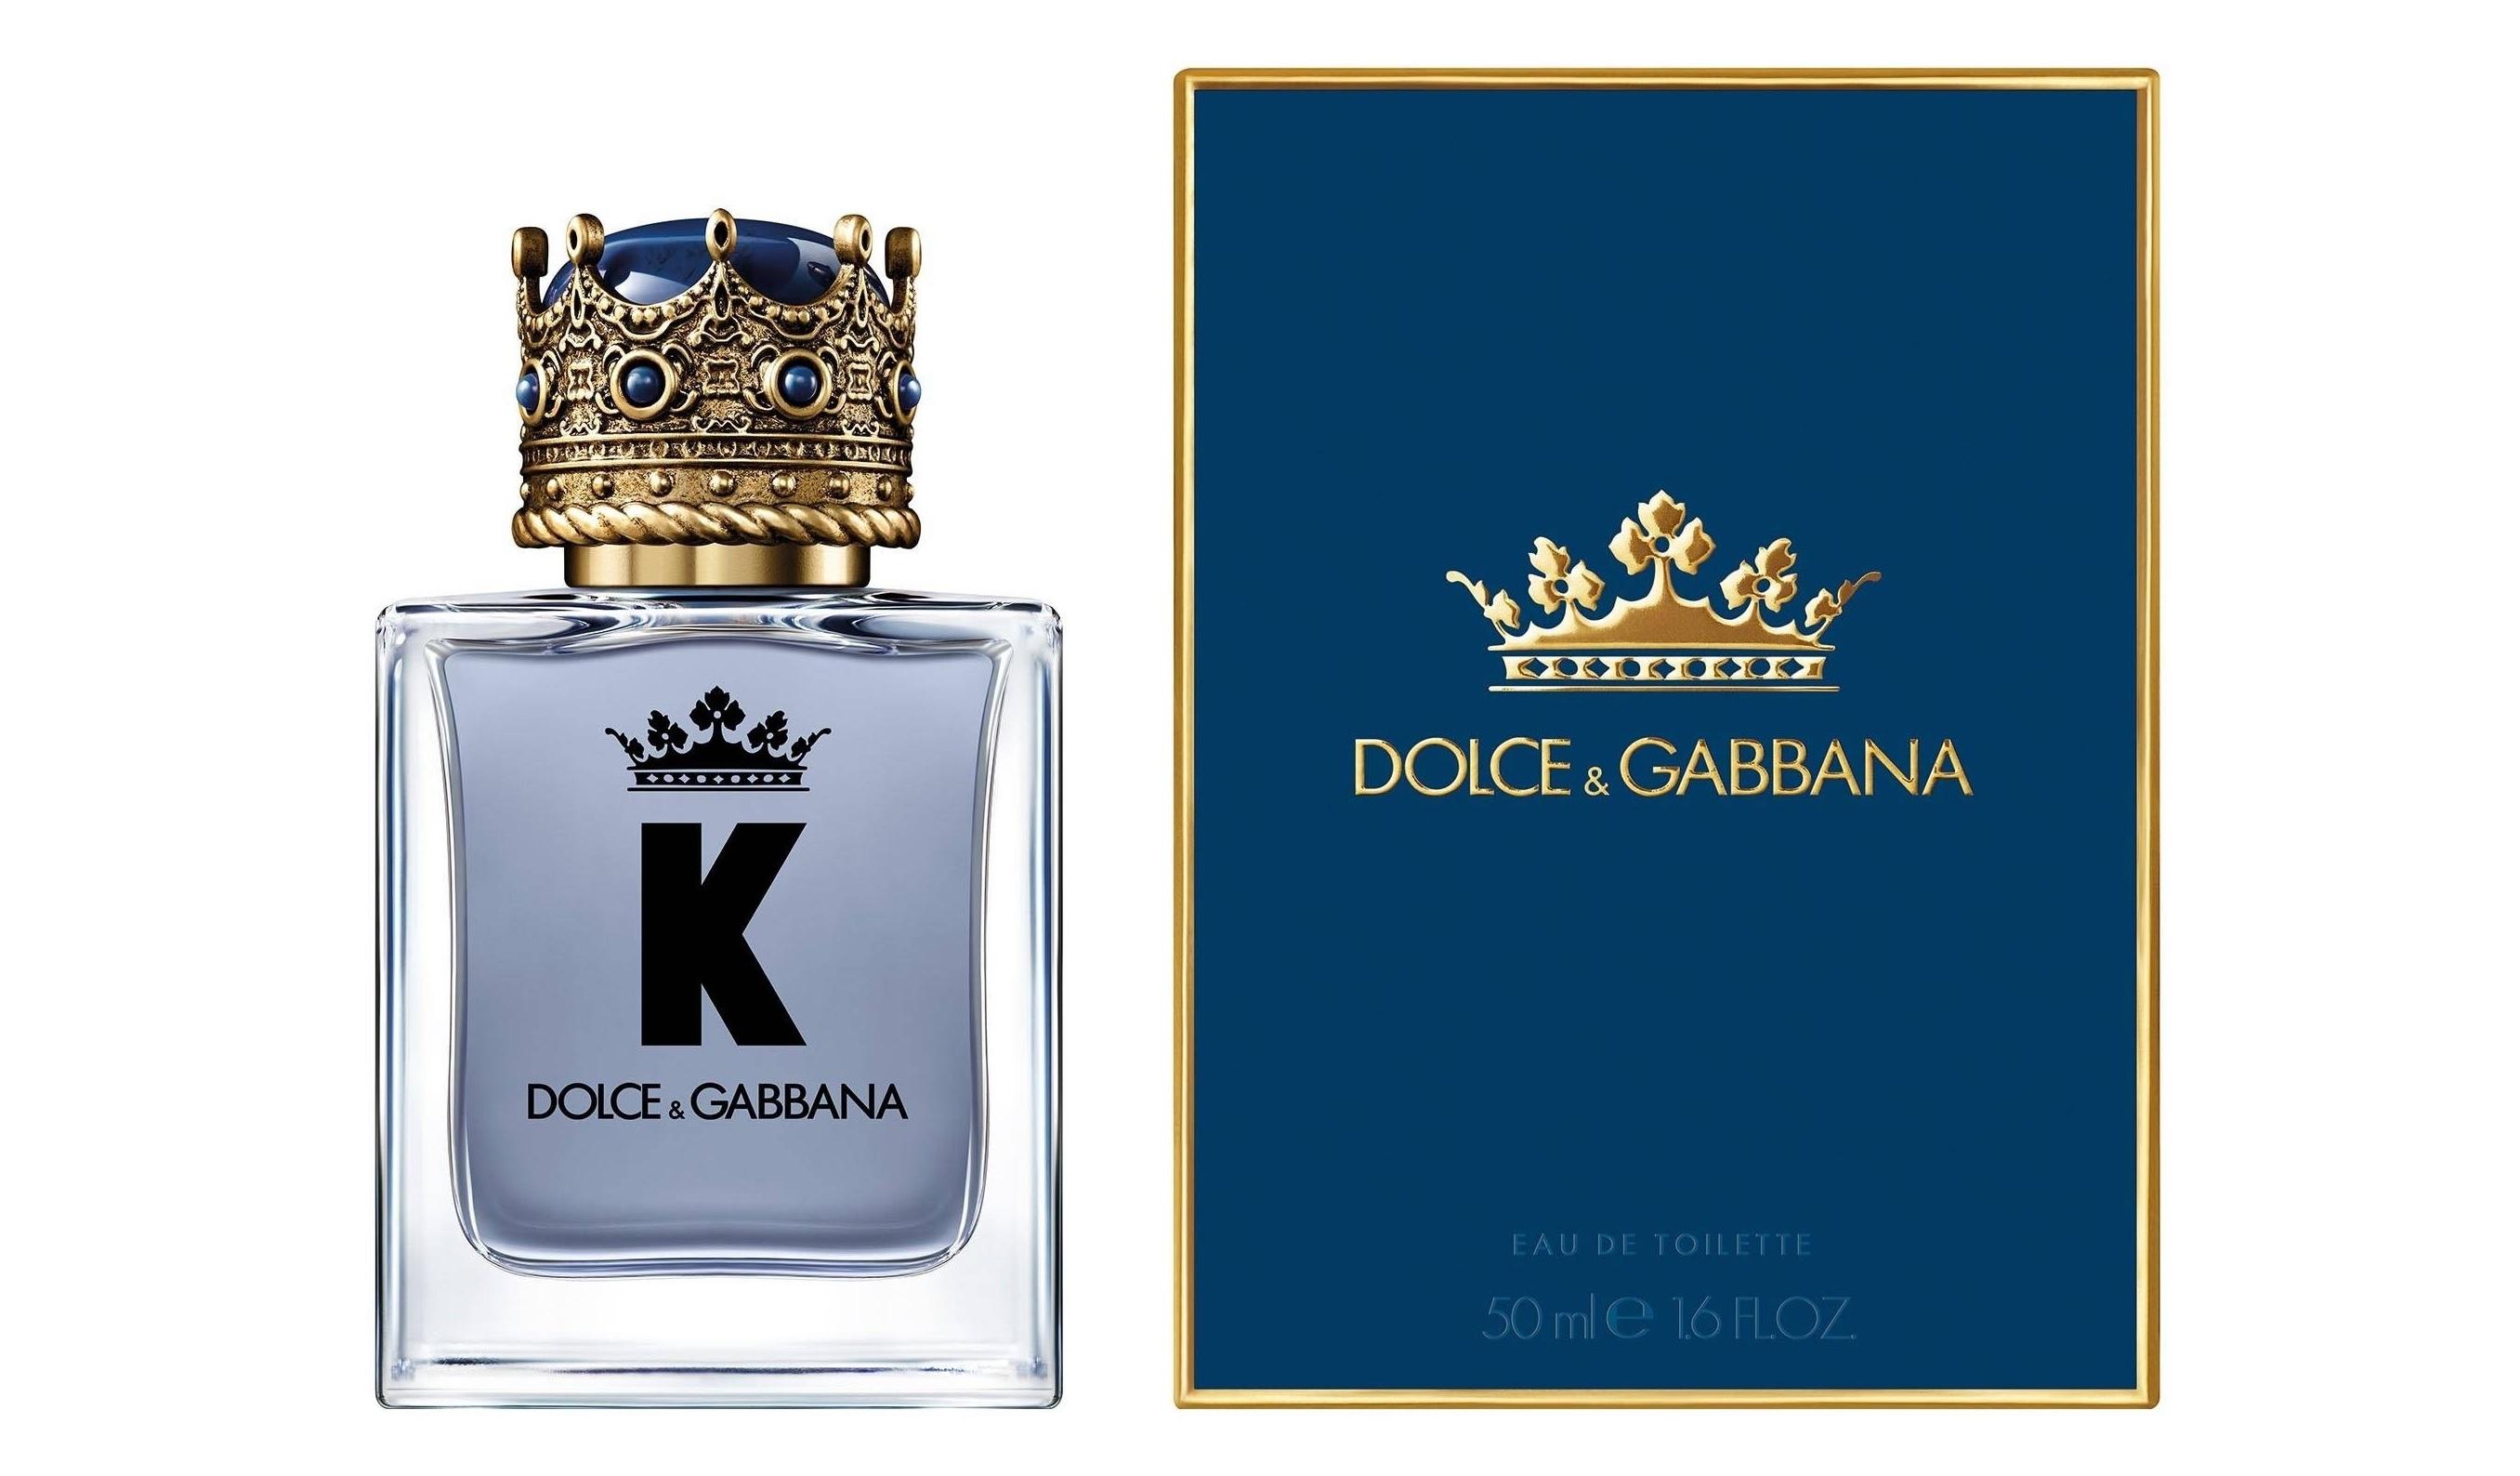 Dolce Gabbana K 50 mL